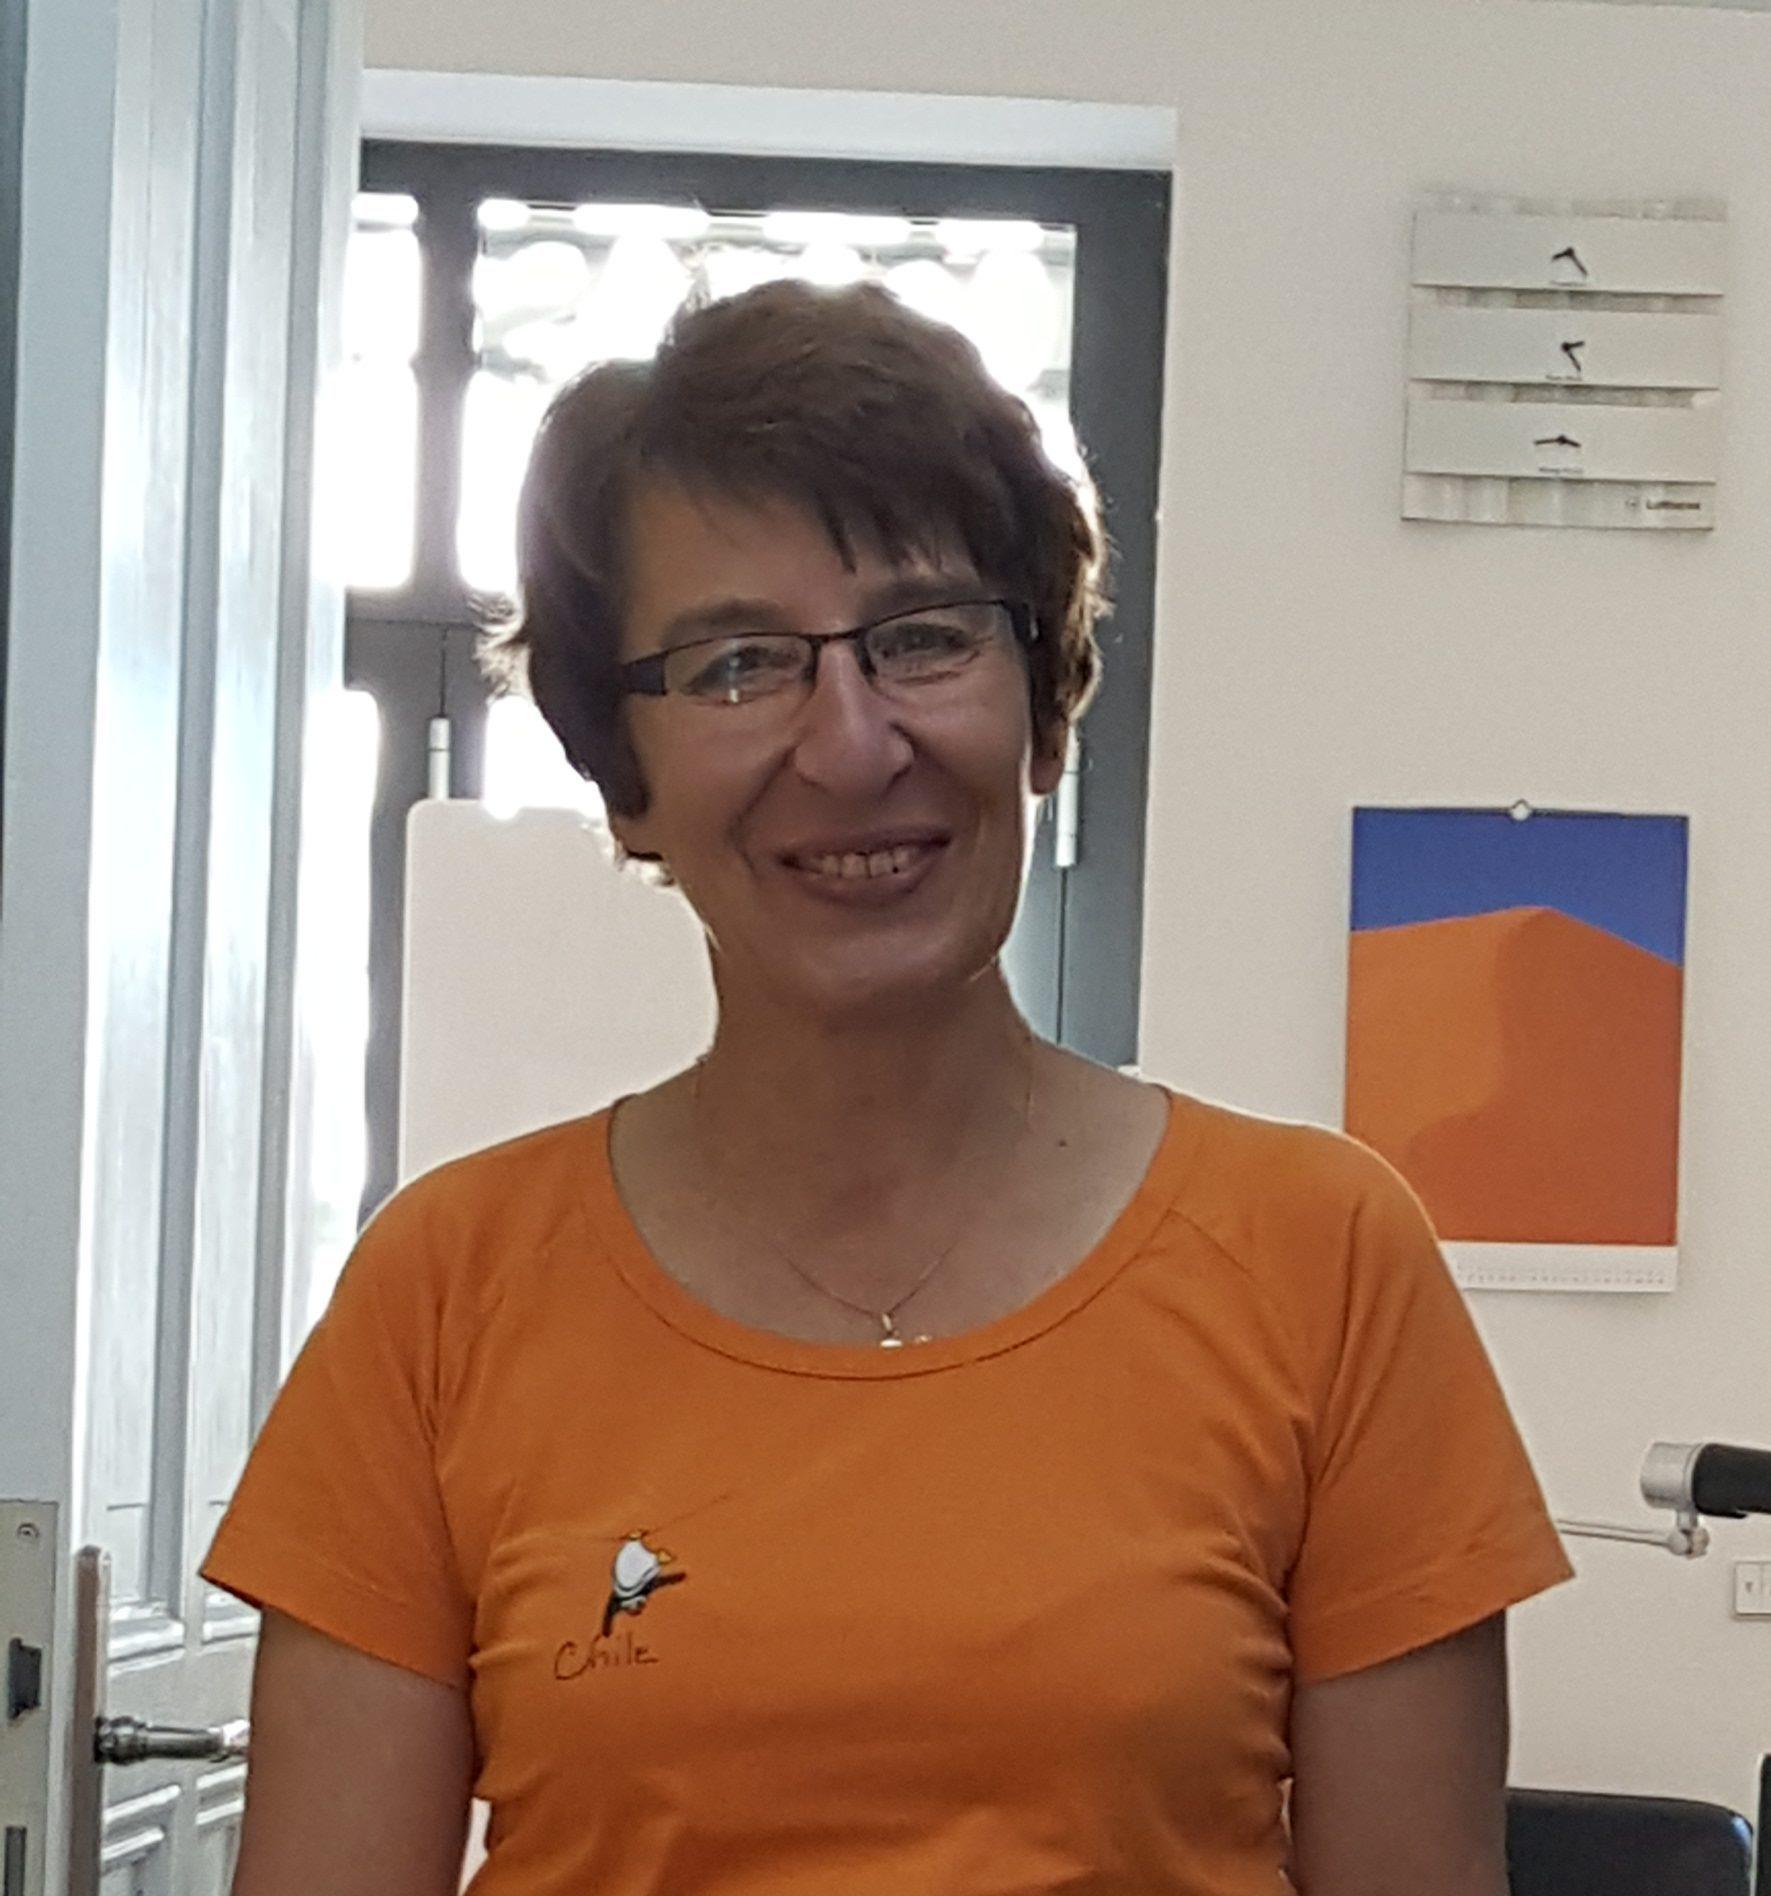 Karin Becker